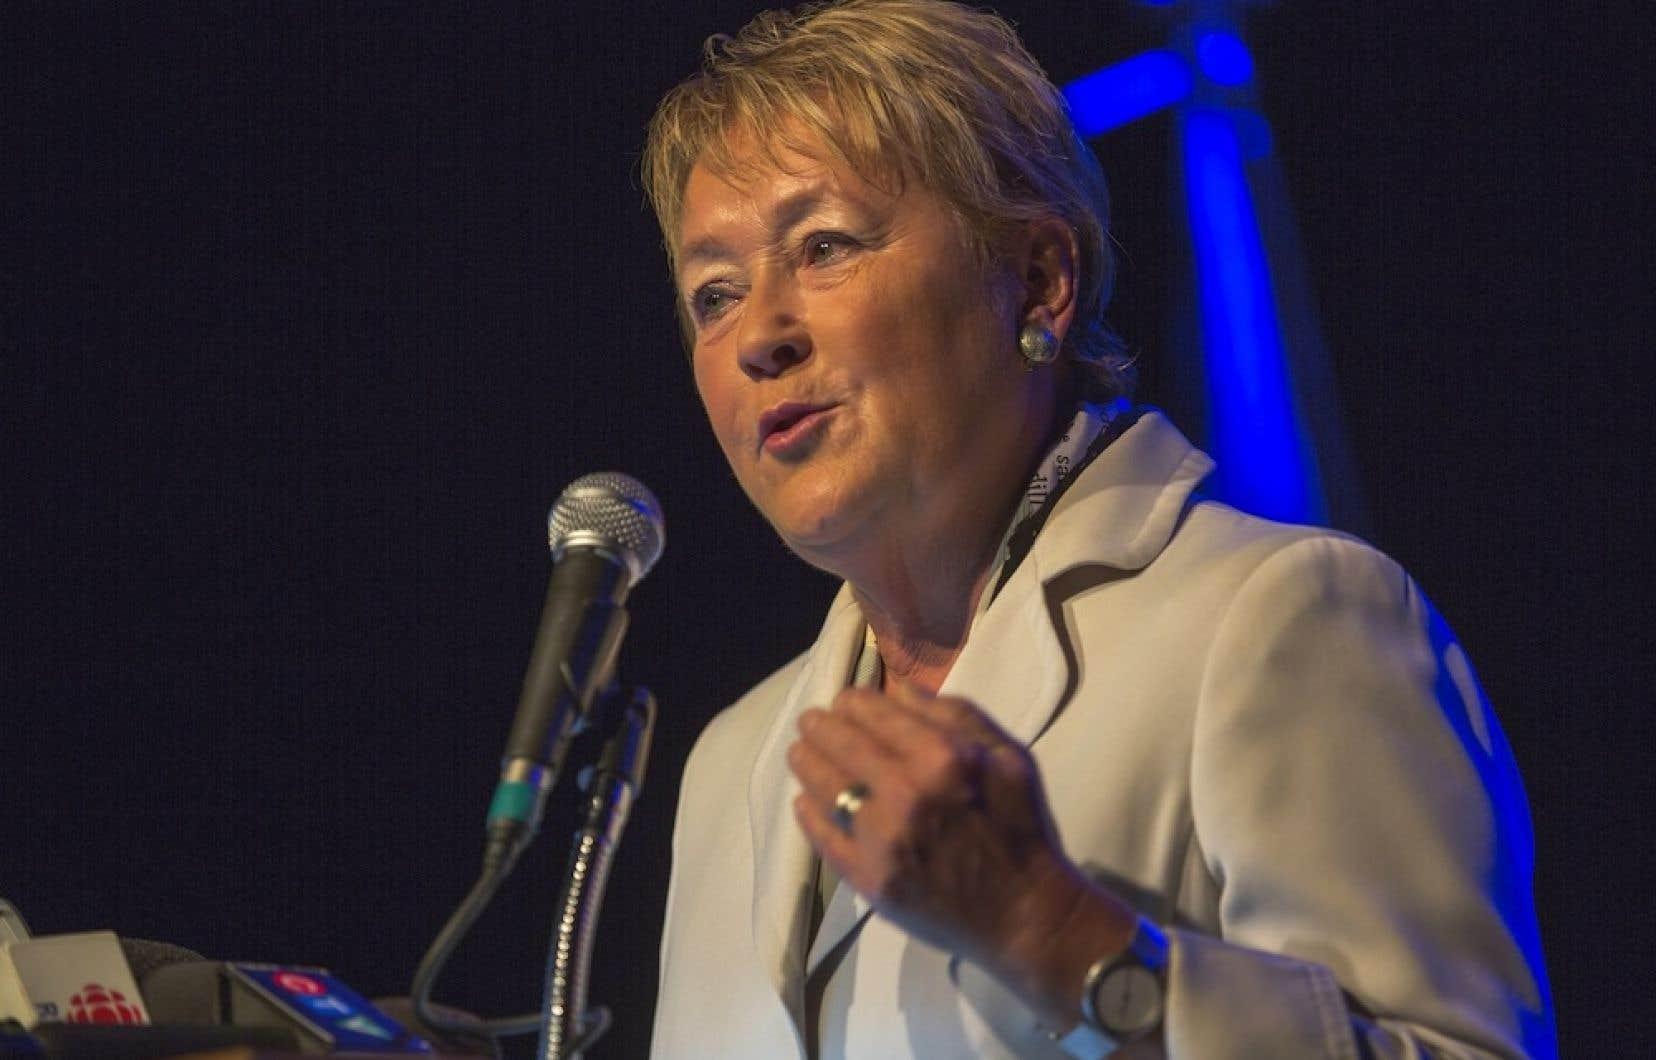 Les Québécois devront payer plus pour les aînés à compter de 2017, a indiqué Pauline Marois en point de presse.